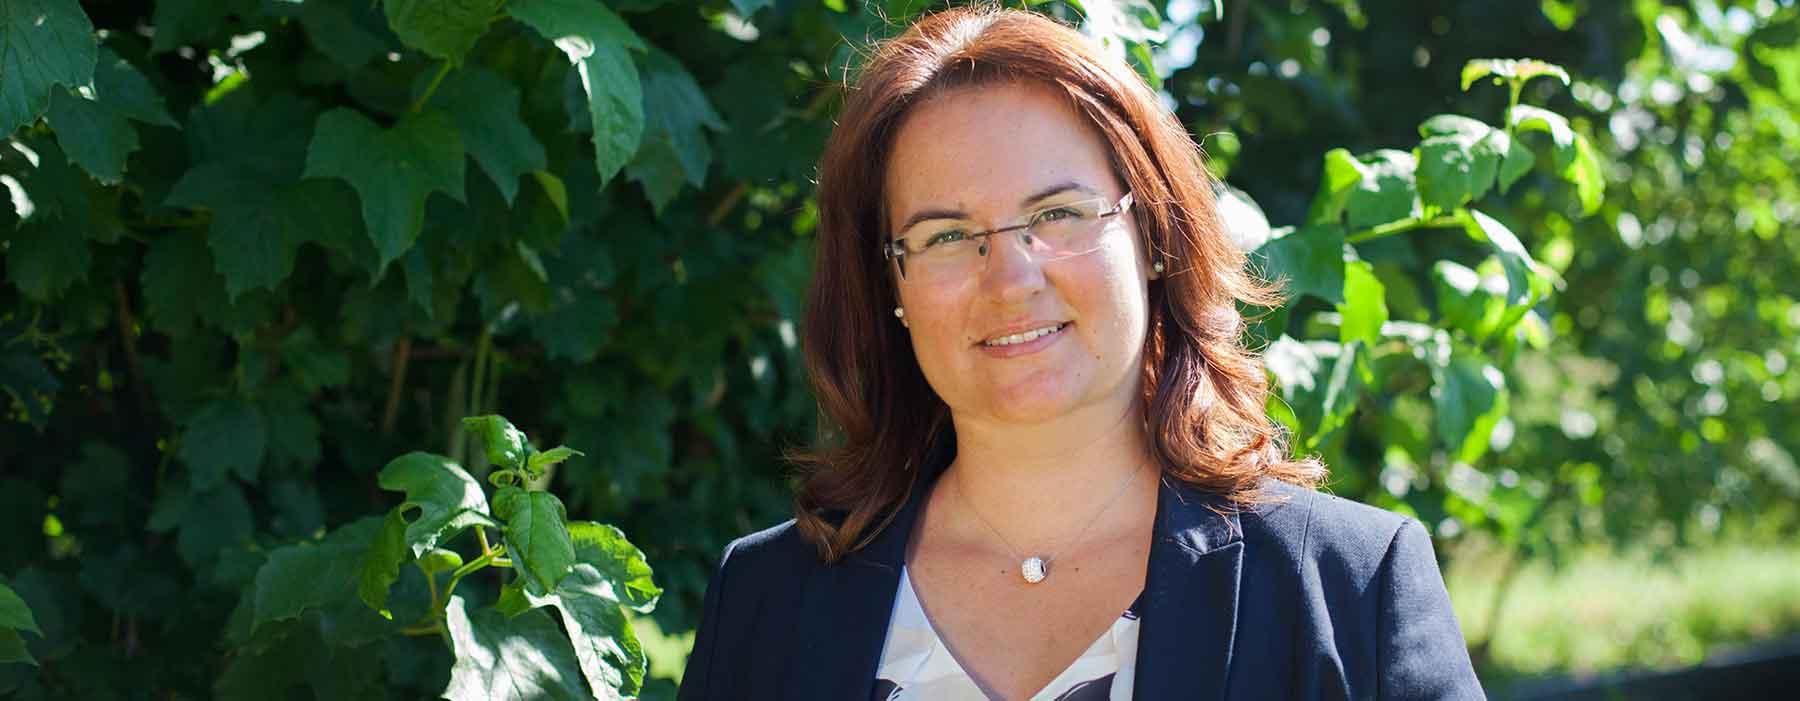 Melanie Mathis, Fachanwältin für Verkehrsrecht und Partnerin